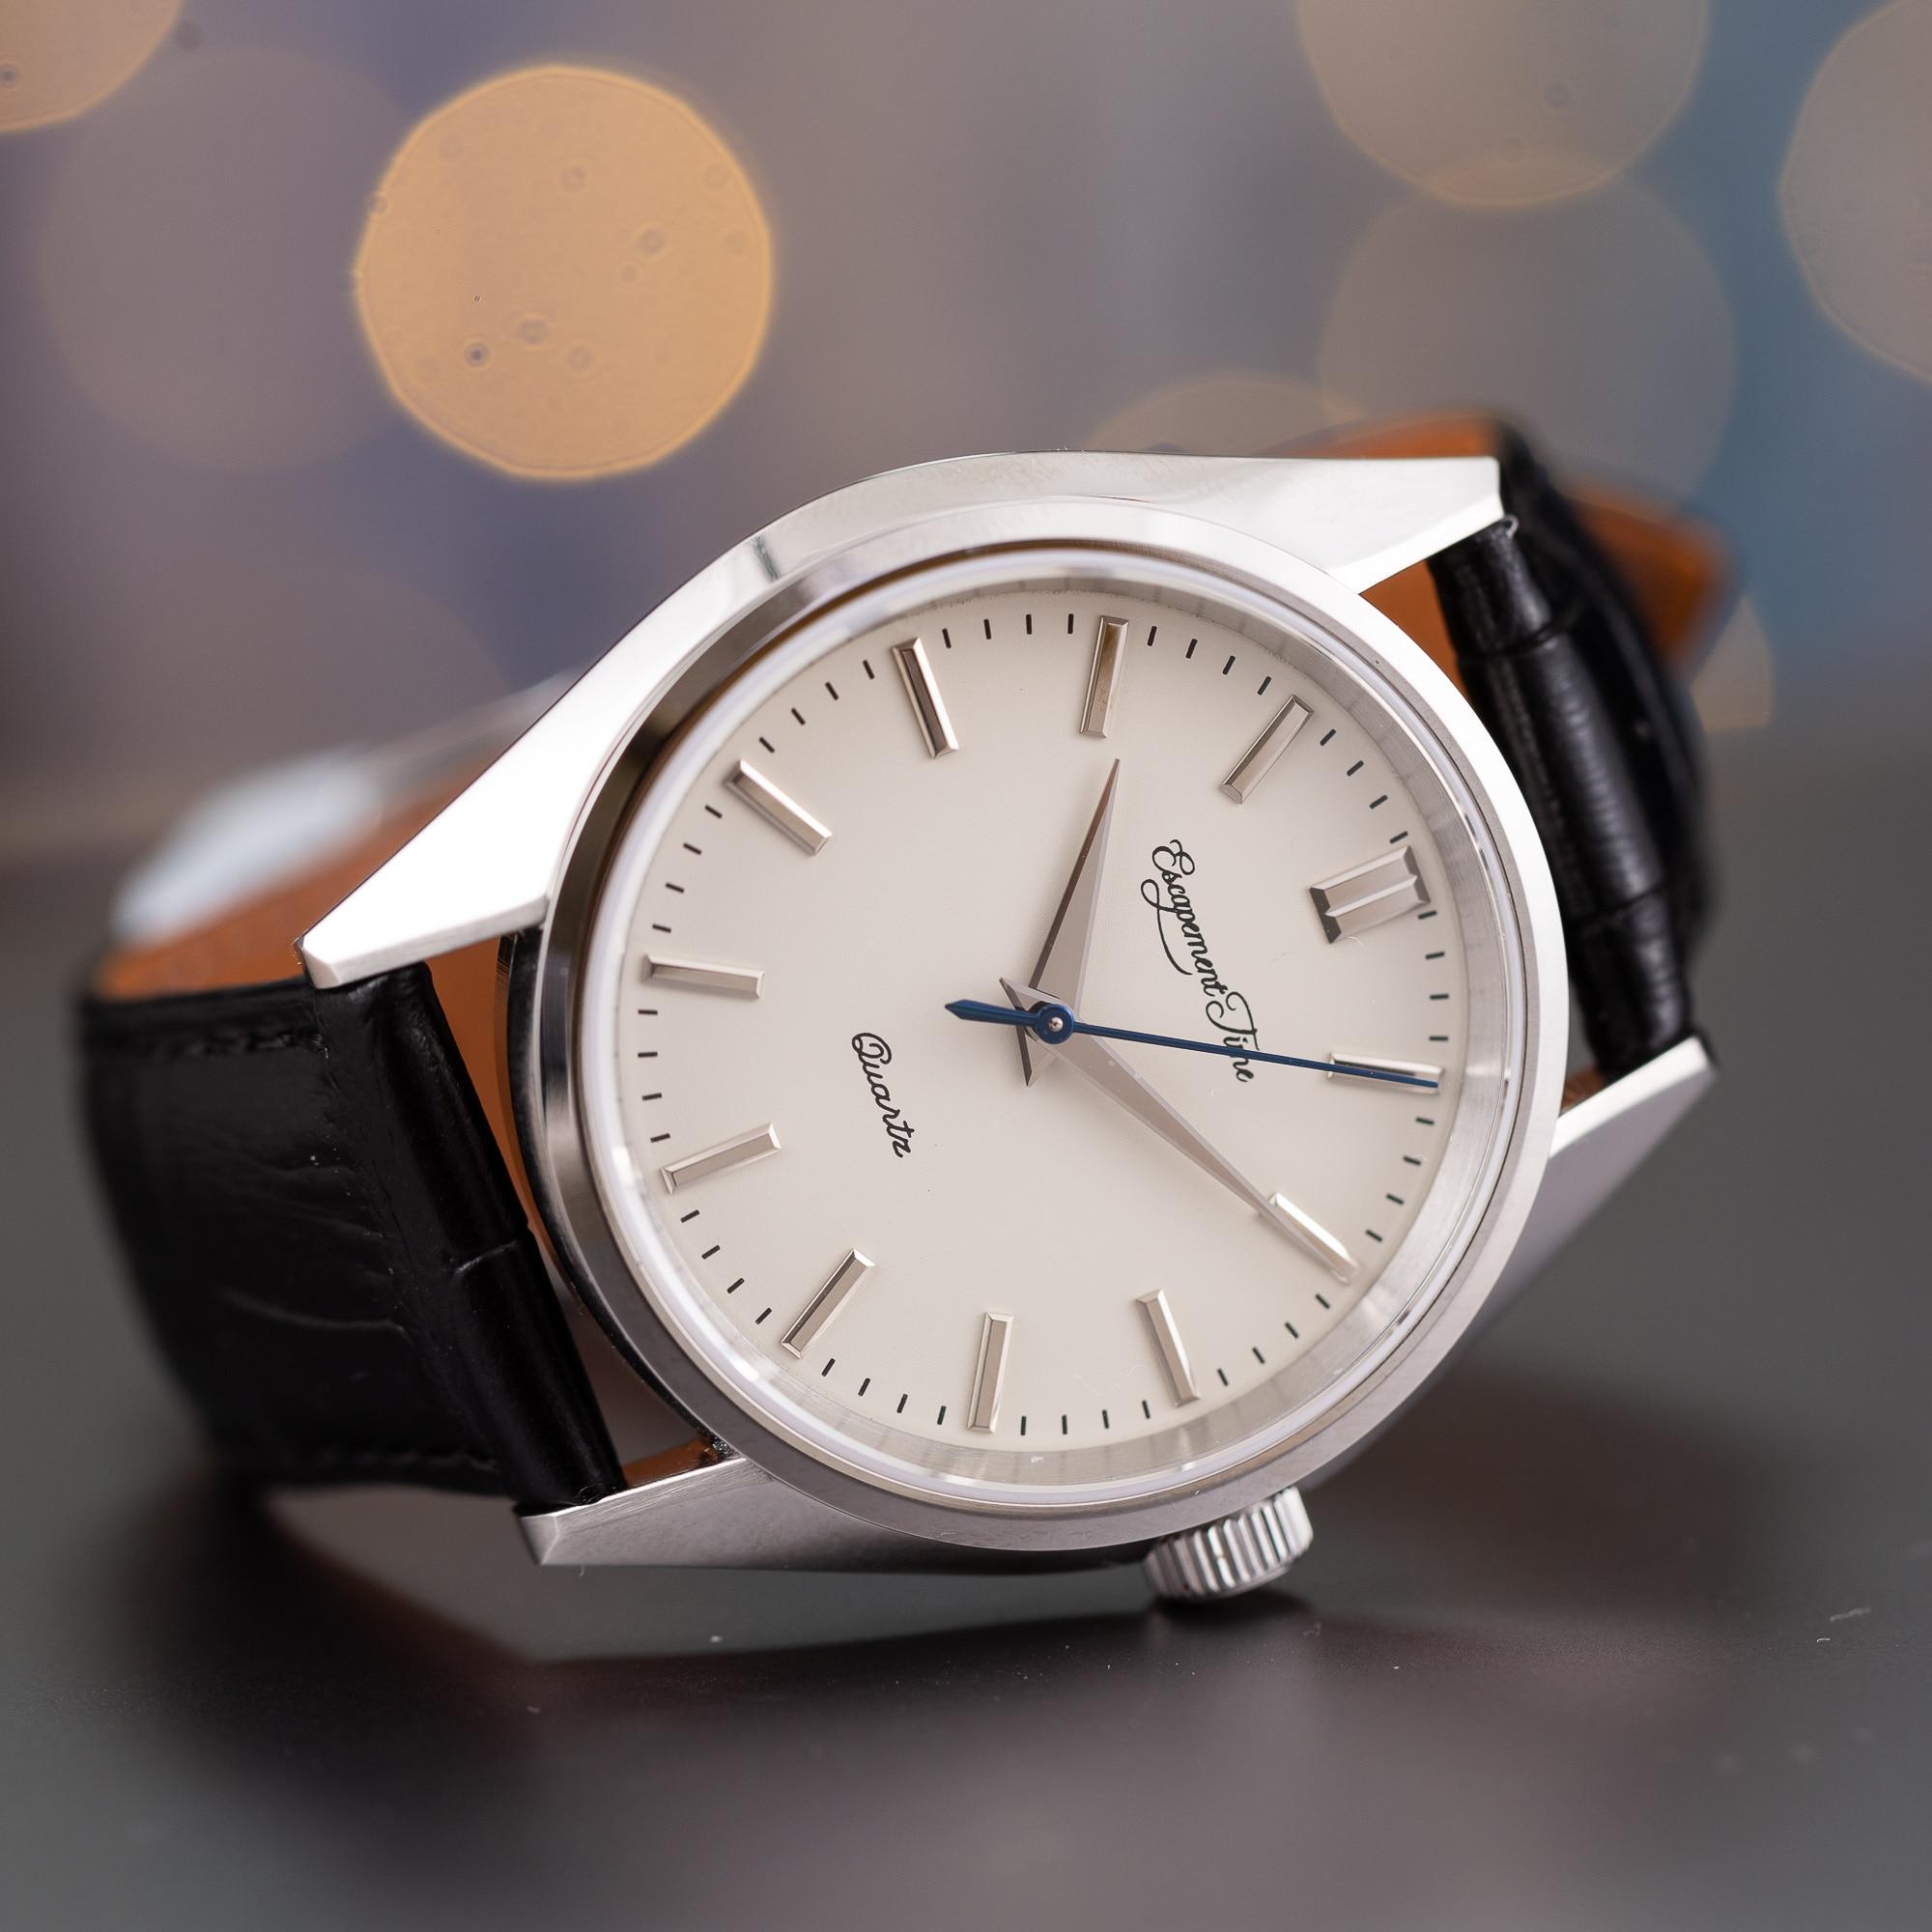 【Escapement time】Quartz Watch 40mm Case VH31  Heat Treatment Hand